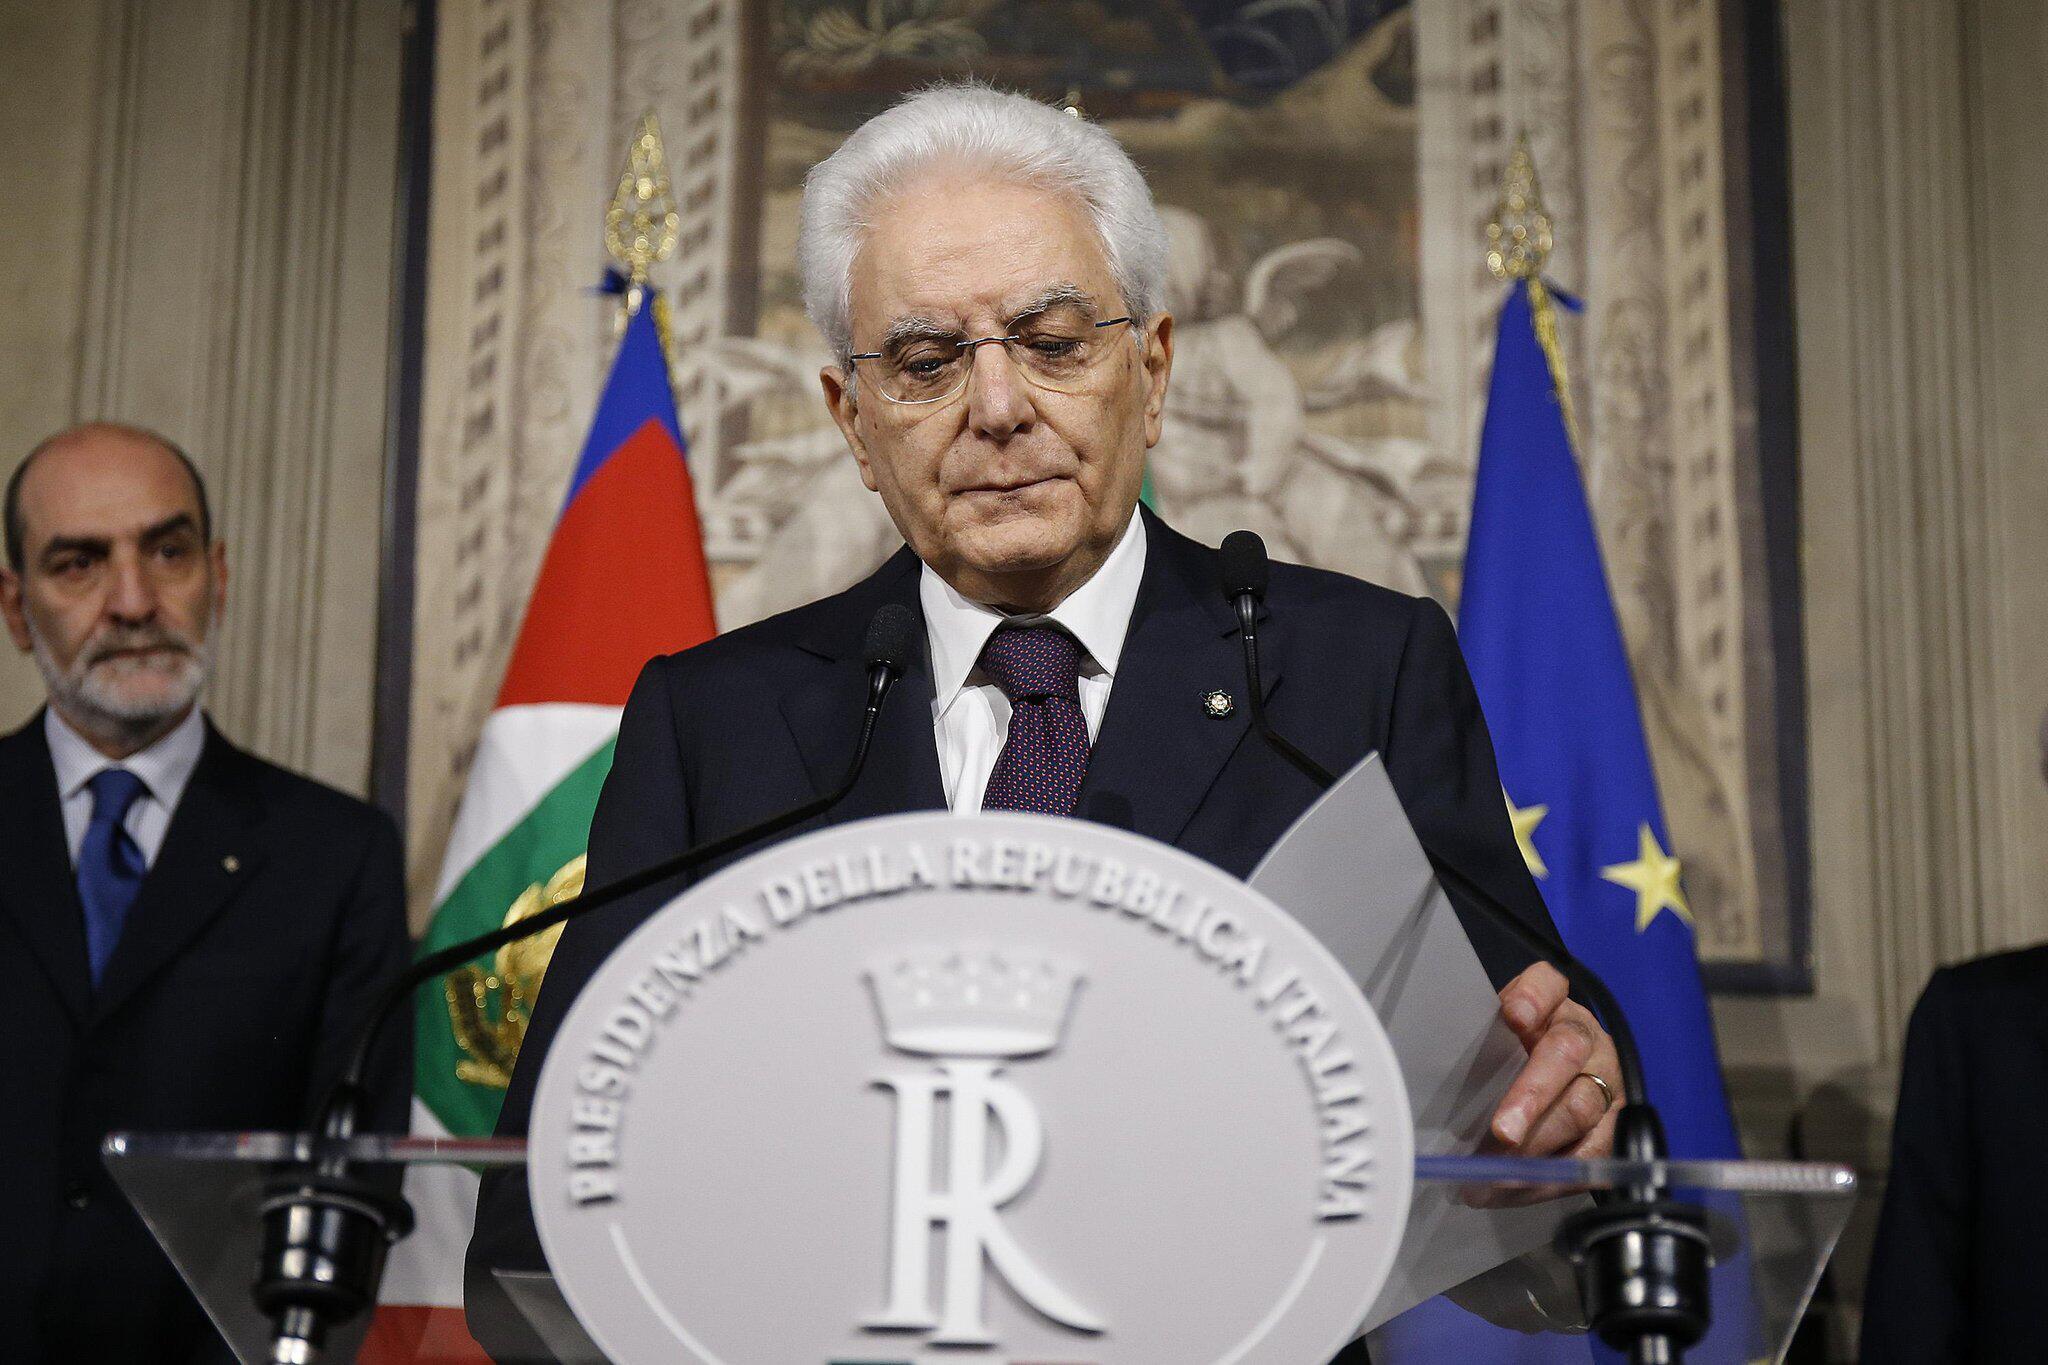 Bild zu Regierungsbildung in Italien gescheitert